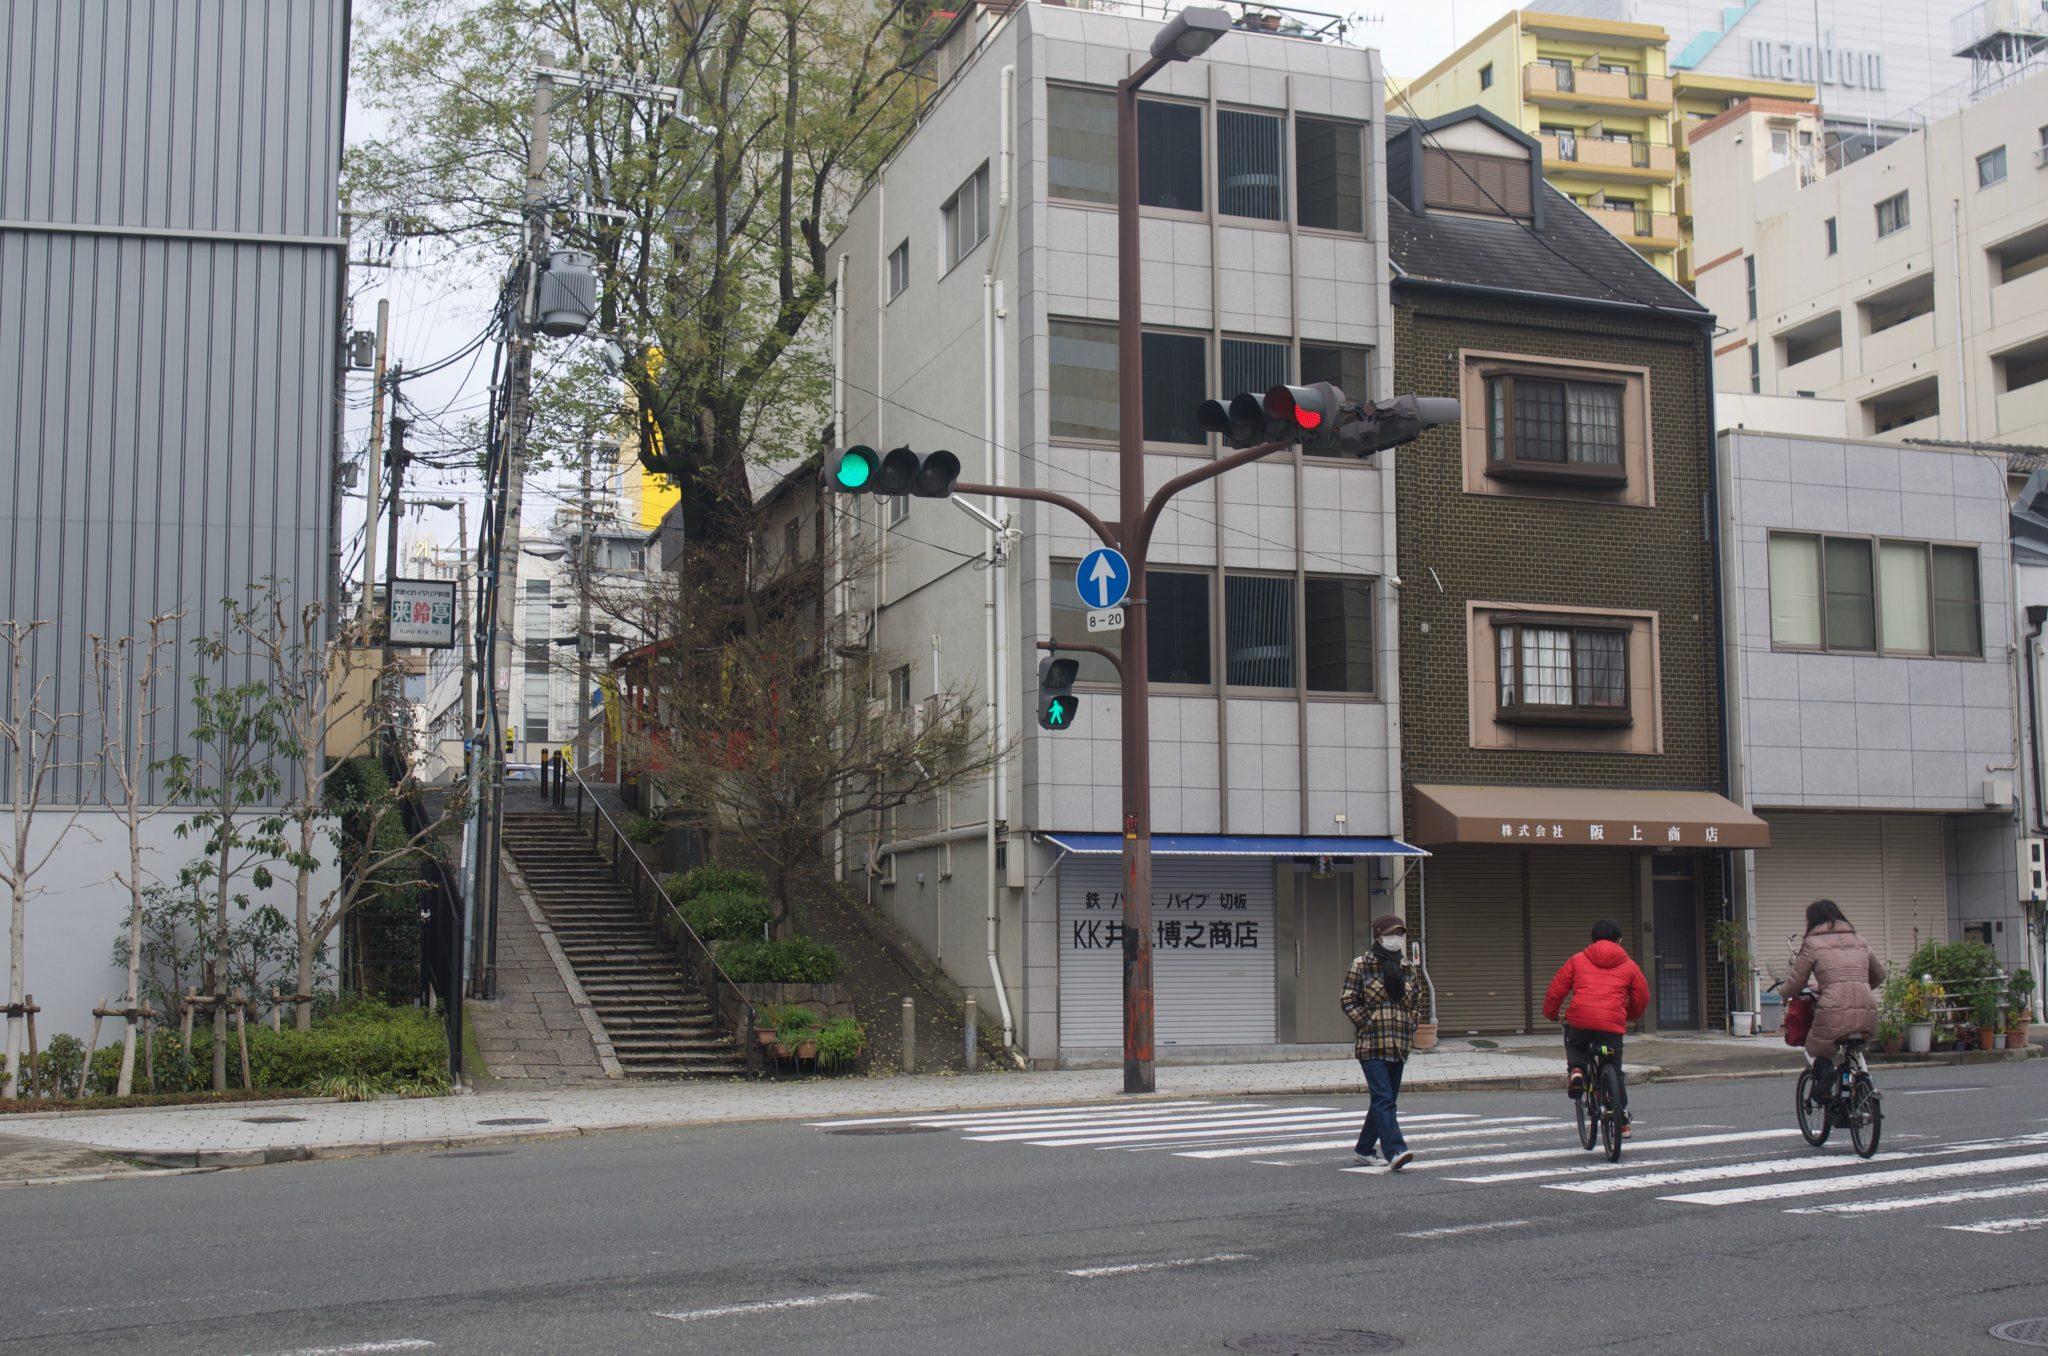 오사카 신호등 도로